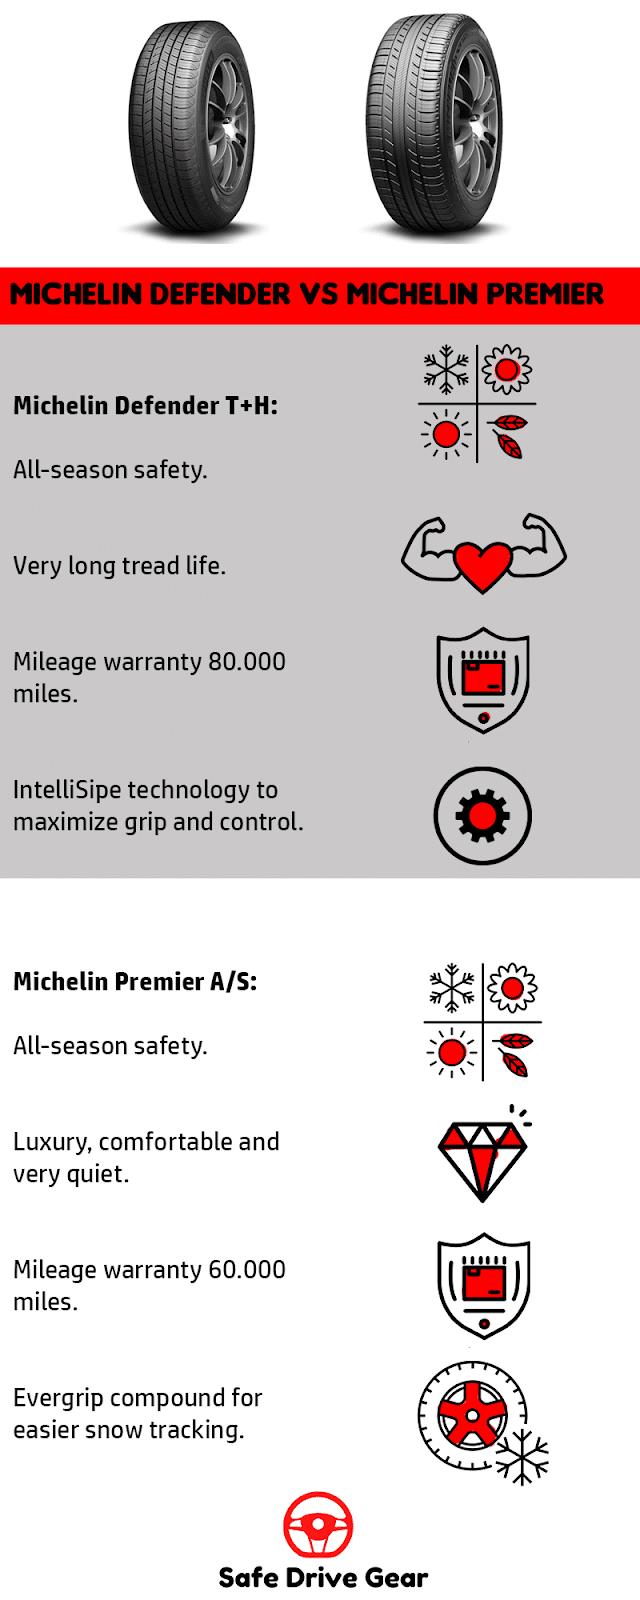 Michelin Defender vs Premier